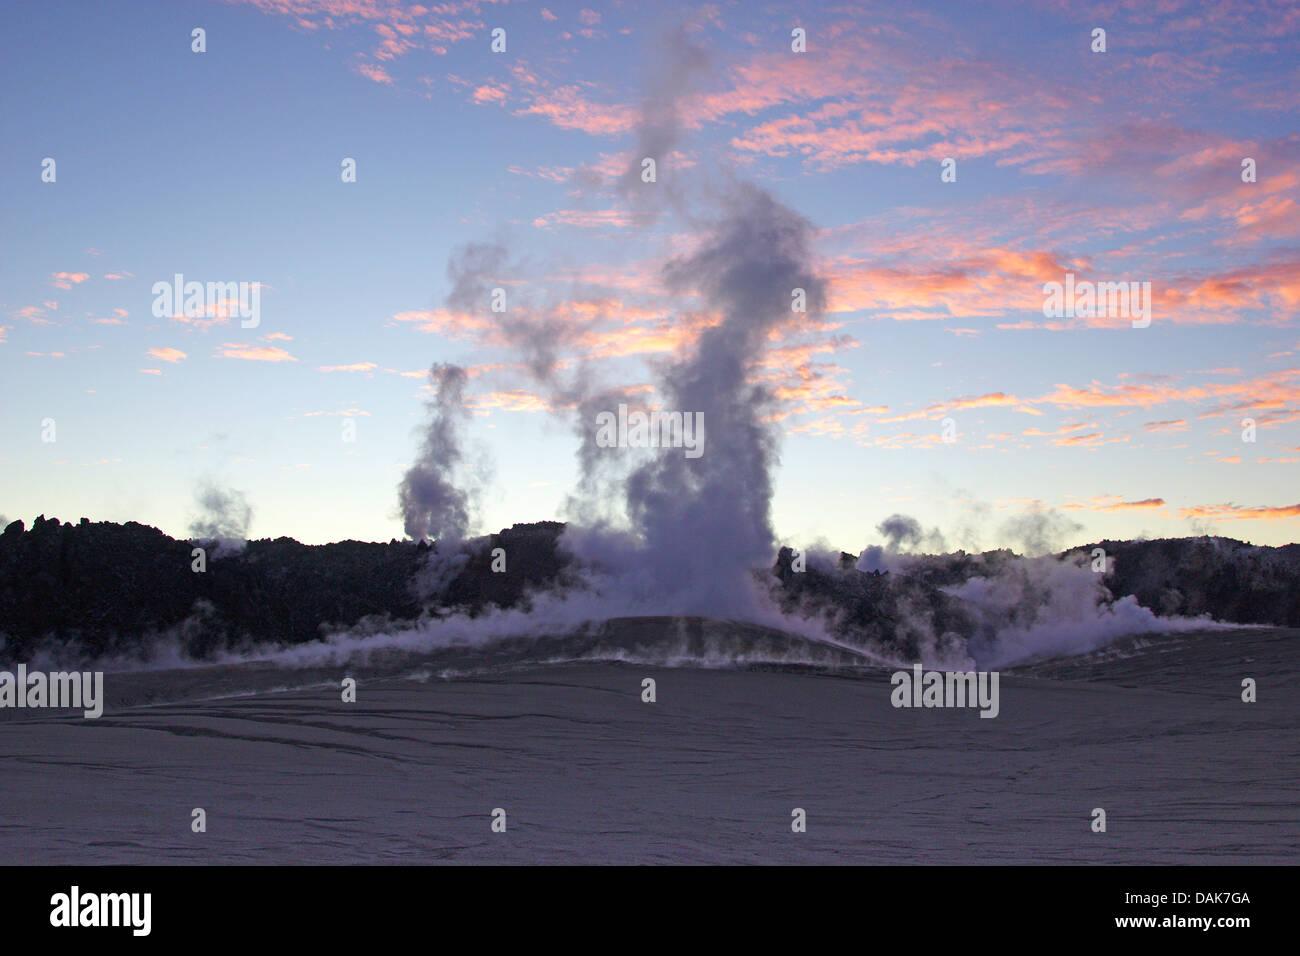 Fumarole und Lavastrom, Kordon Cualle am Puyehue am Abend Licht, Chile, Patagonien Stockbild